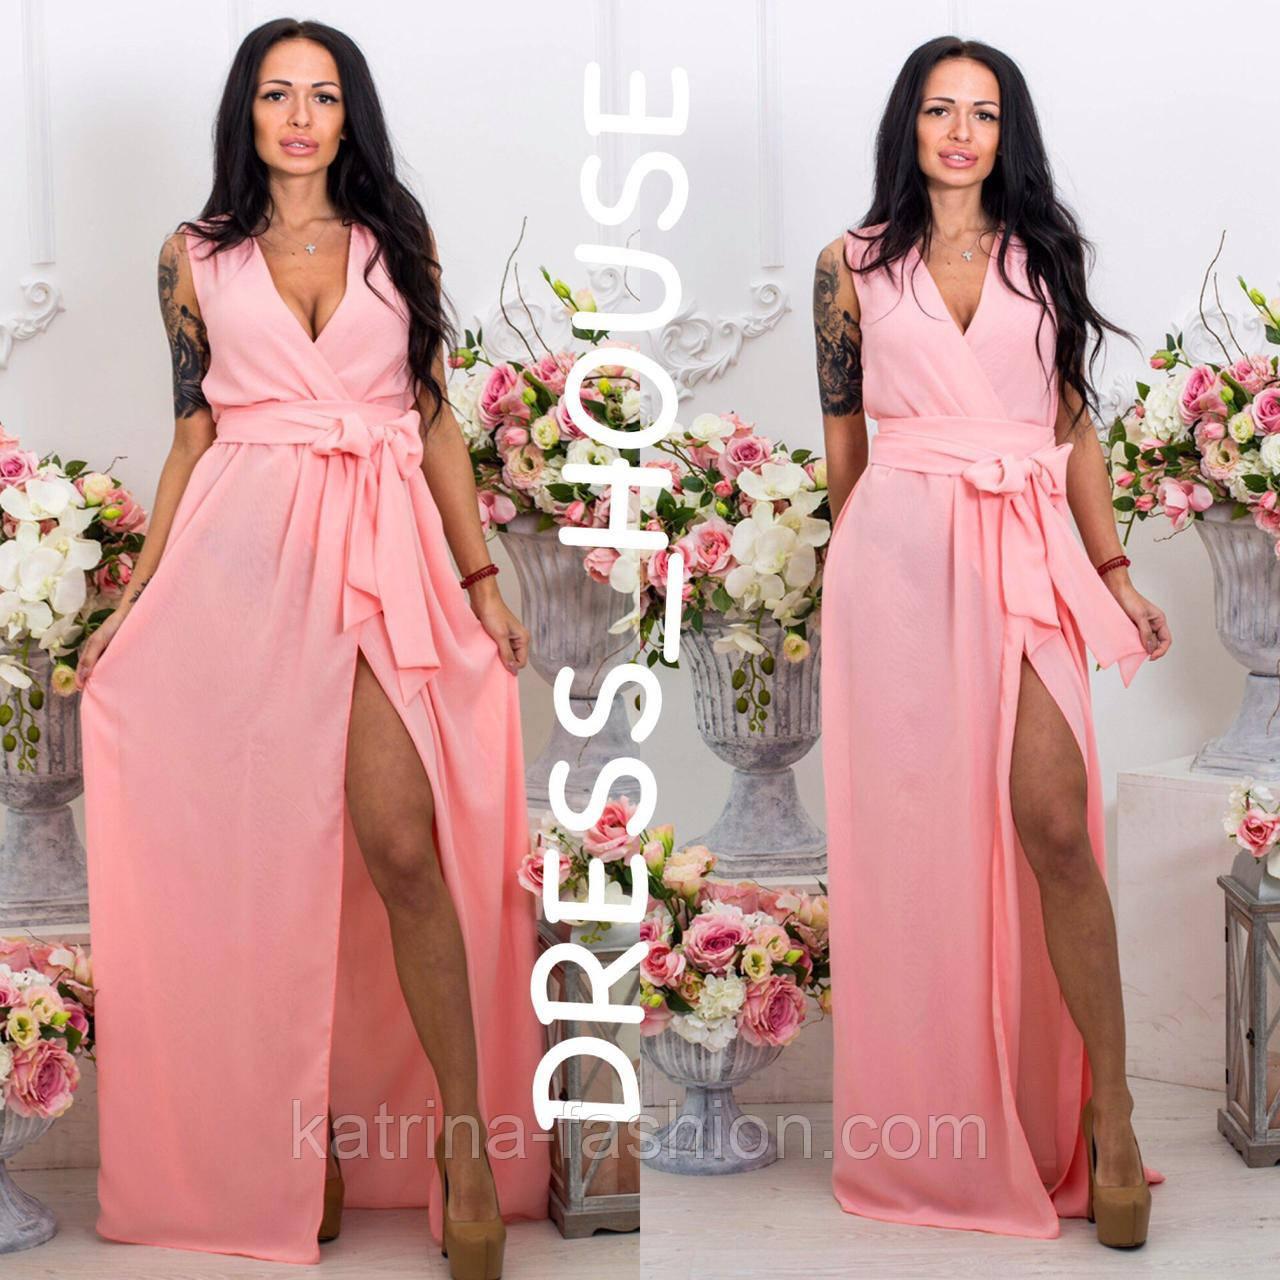 2e8196b7ff36512 Женское стильное шифоновое платье в пол с поясом на запах (12 цветов) -  KATRINA